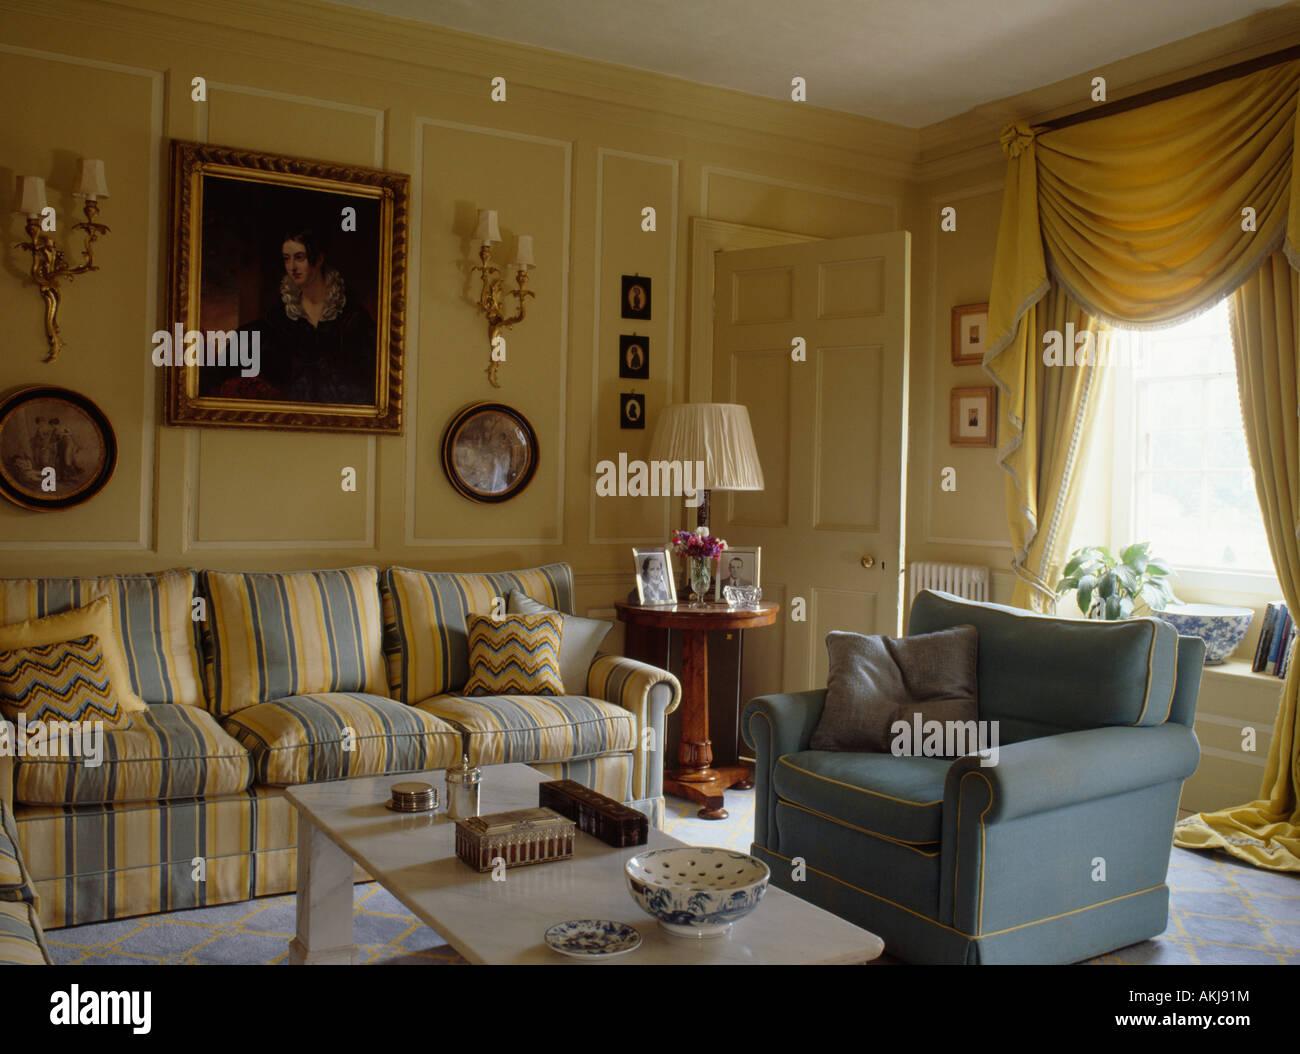 Gelb Und Blau Gestreiften Sofa Und Blauen Sessel In Creme Getäfelten  Wohnzimmer Mit Swagged Gelbe Vorhänge